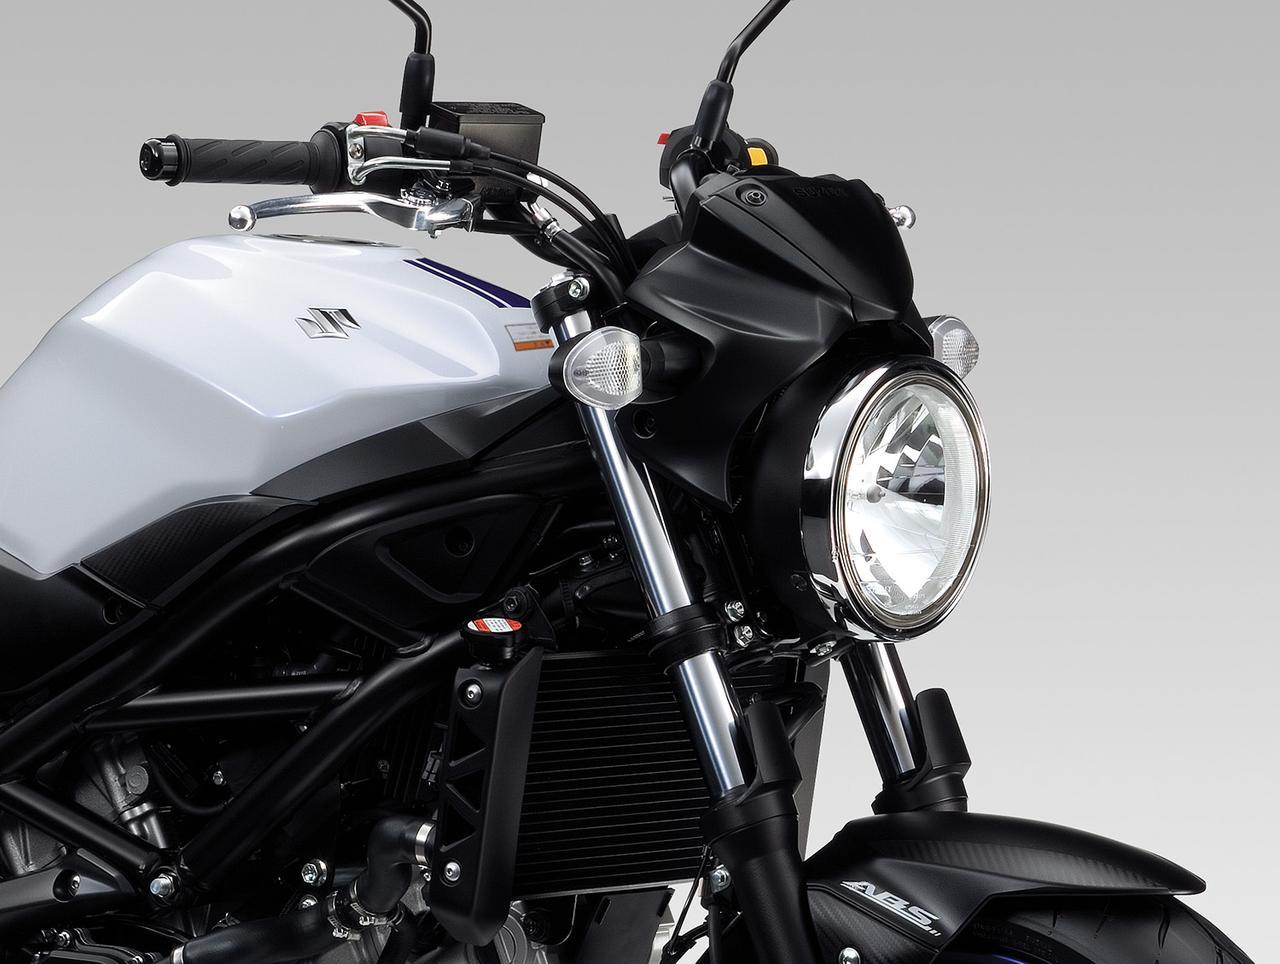 画像: 日本のユーザーからの要望が高かったという丸形ヘッドライト。マルチリフレクター12V60/55Wバルブを採用している。